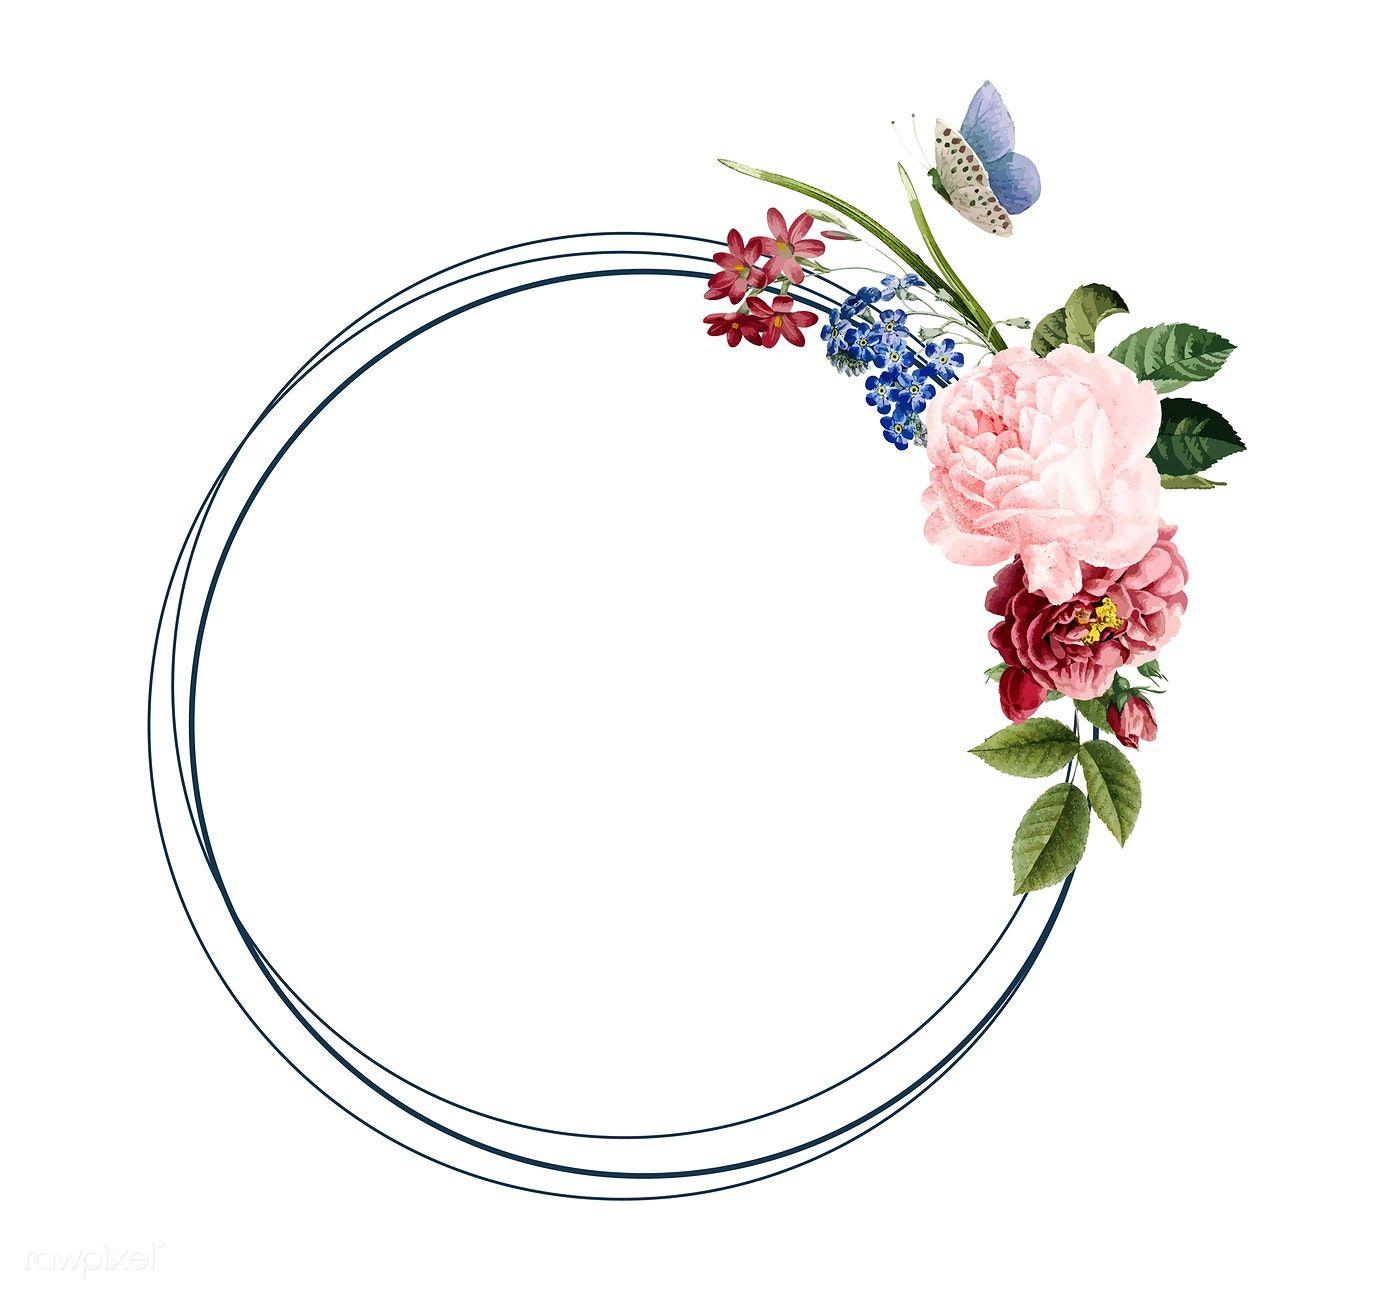 Download Premium Vector Of Floral Frame Card Design Illustration 466603 Watercolor Flower Vector Illustration Design Card Design